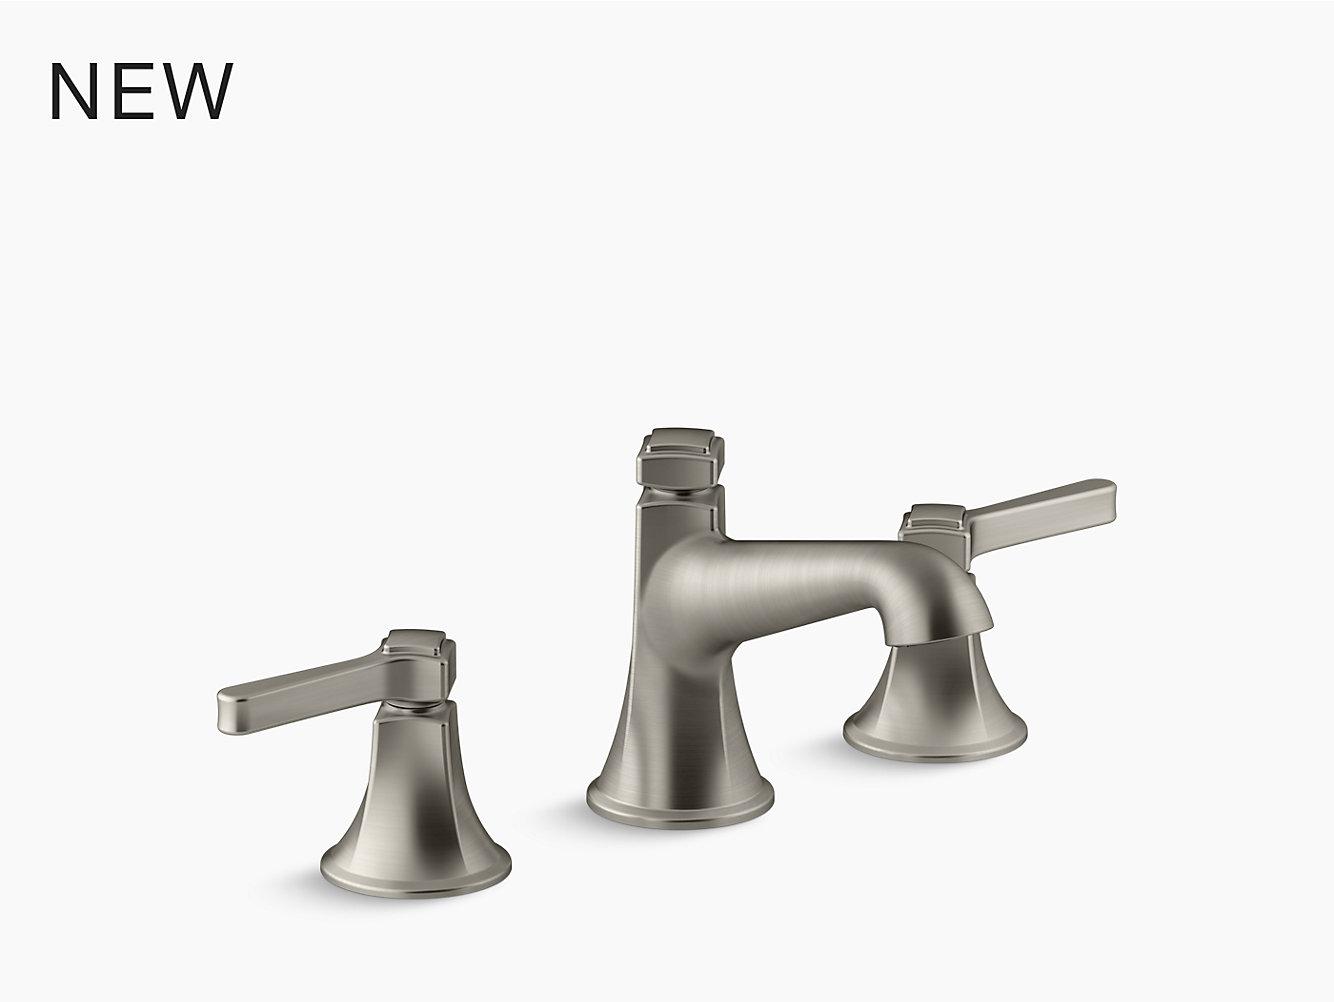 stillness widespread bathroom sink faucet k 942 4 kohler view larger